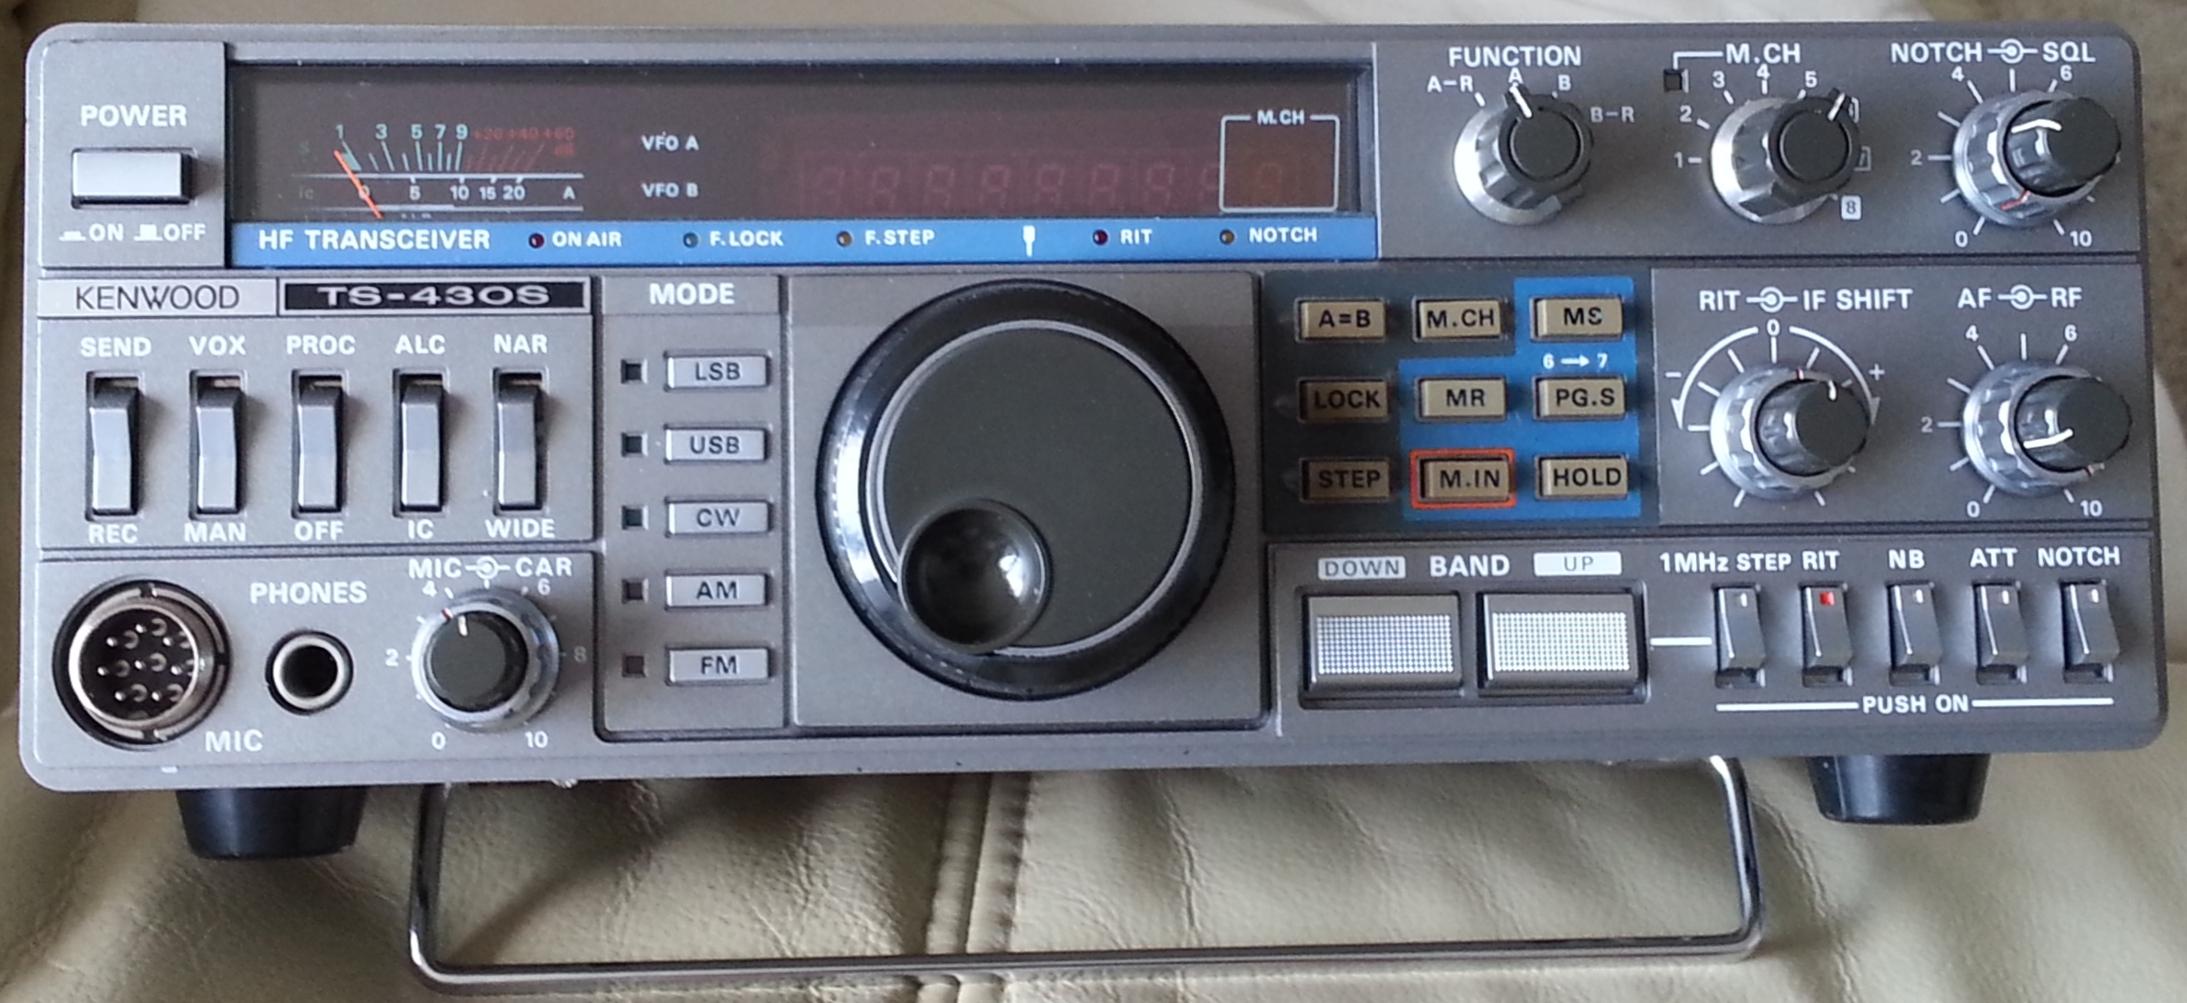 Amateur ham radio service television